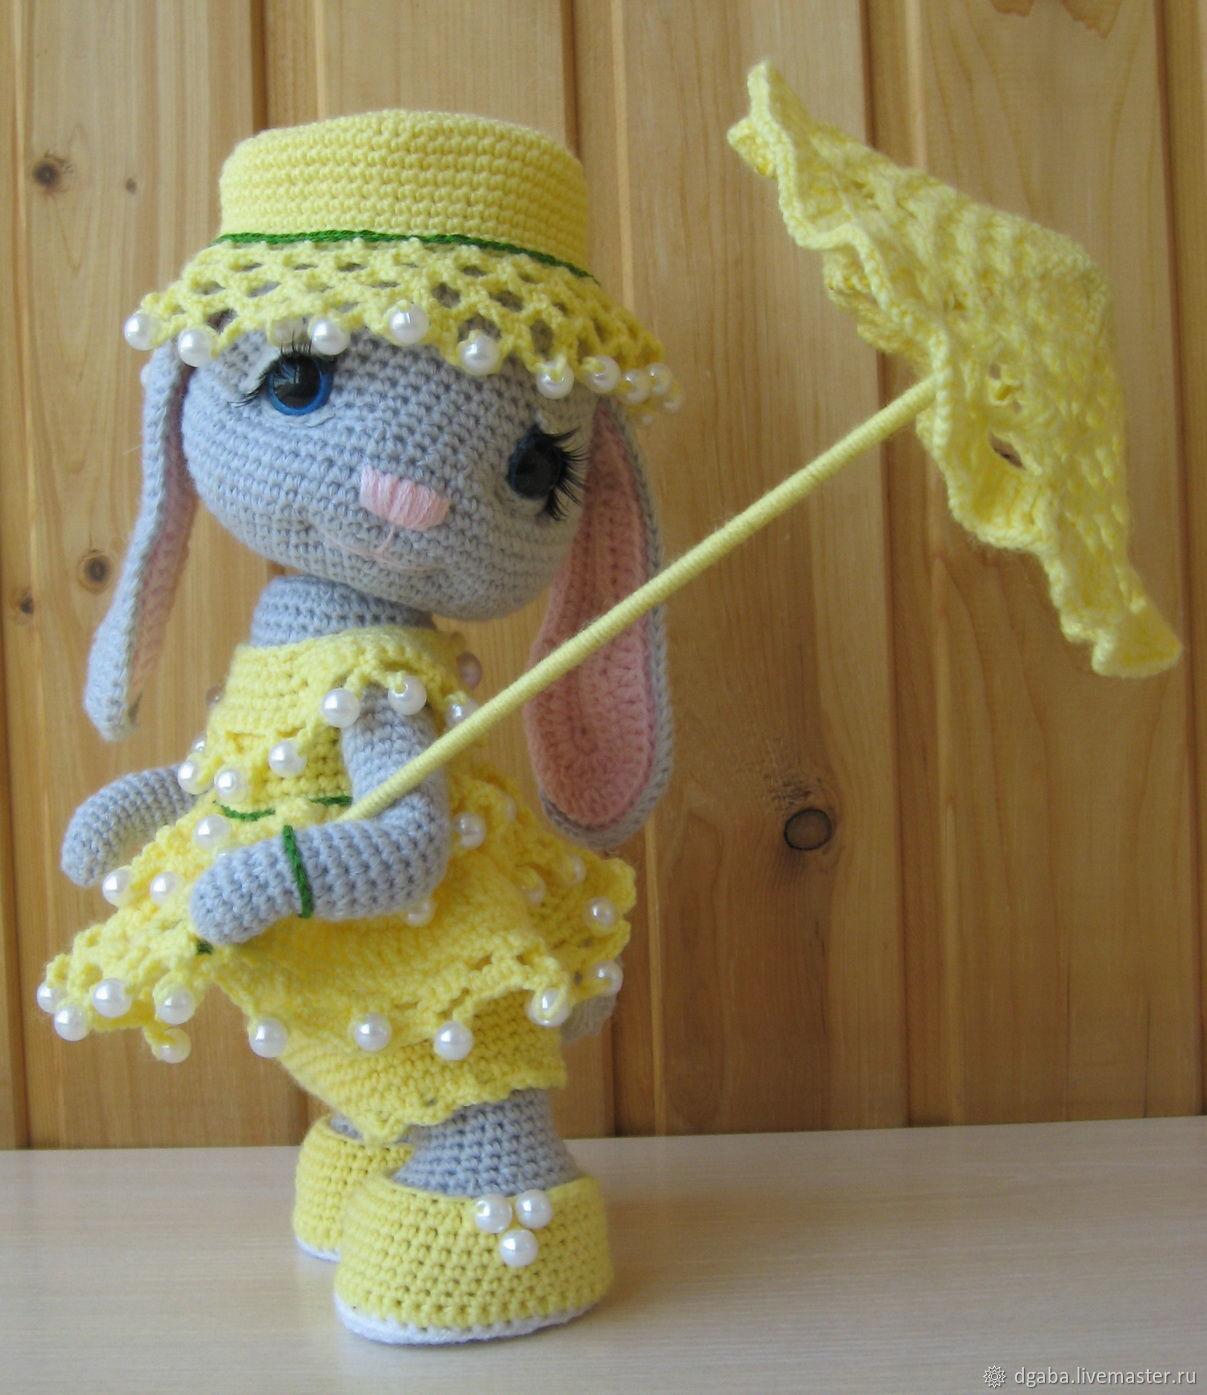 Игрушки животные, ручной работы. Ярмарка Мастеров - ручная работа. Купить Зайка с зонтом. Handmade. Вязание крючком, ручная вязка